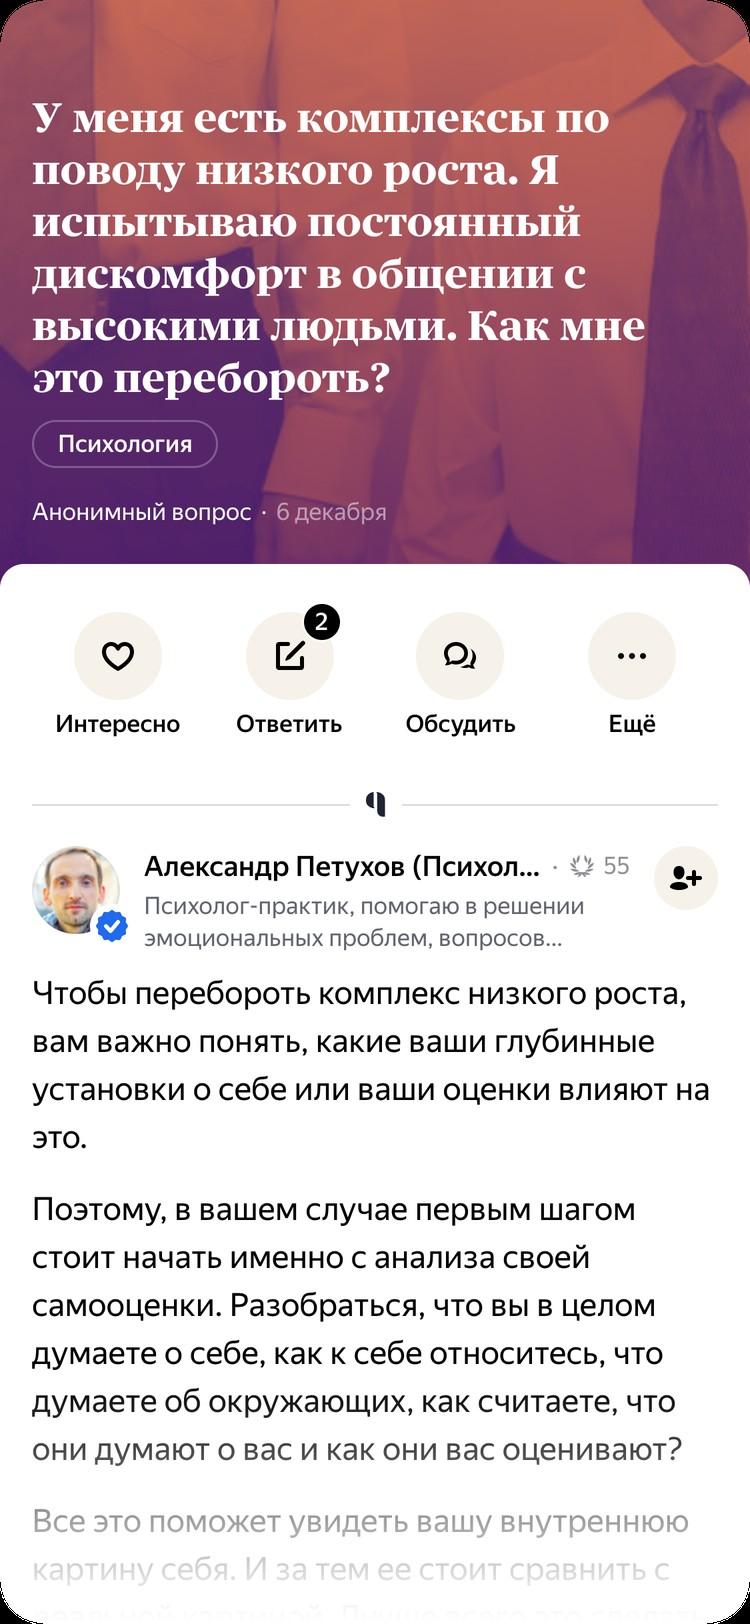 Также новый сервис Яндекса поможет в оказании помощи специалистами интересующей области